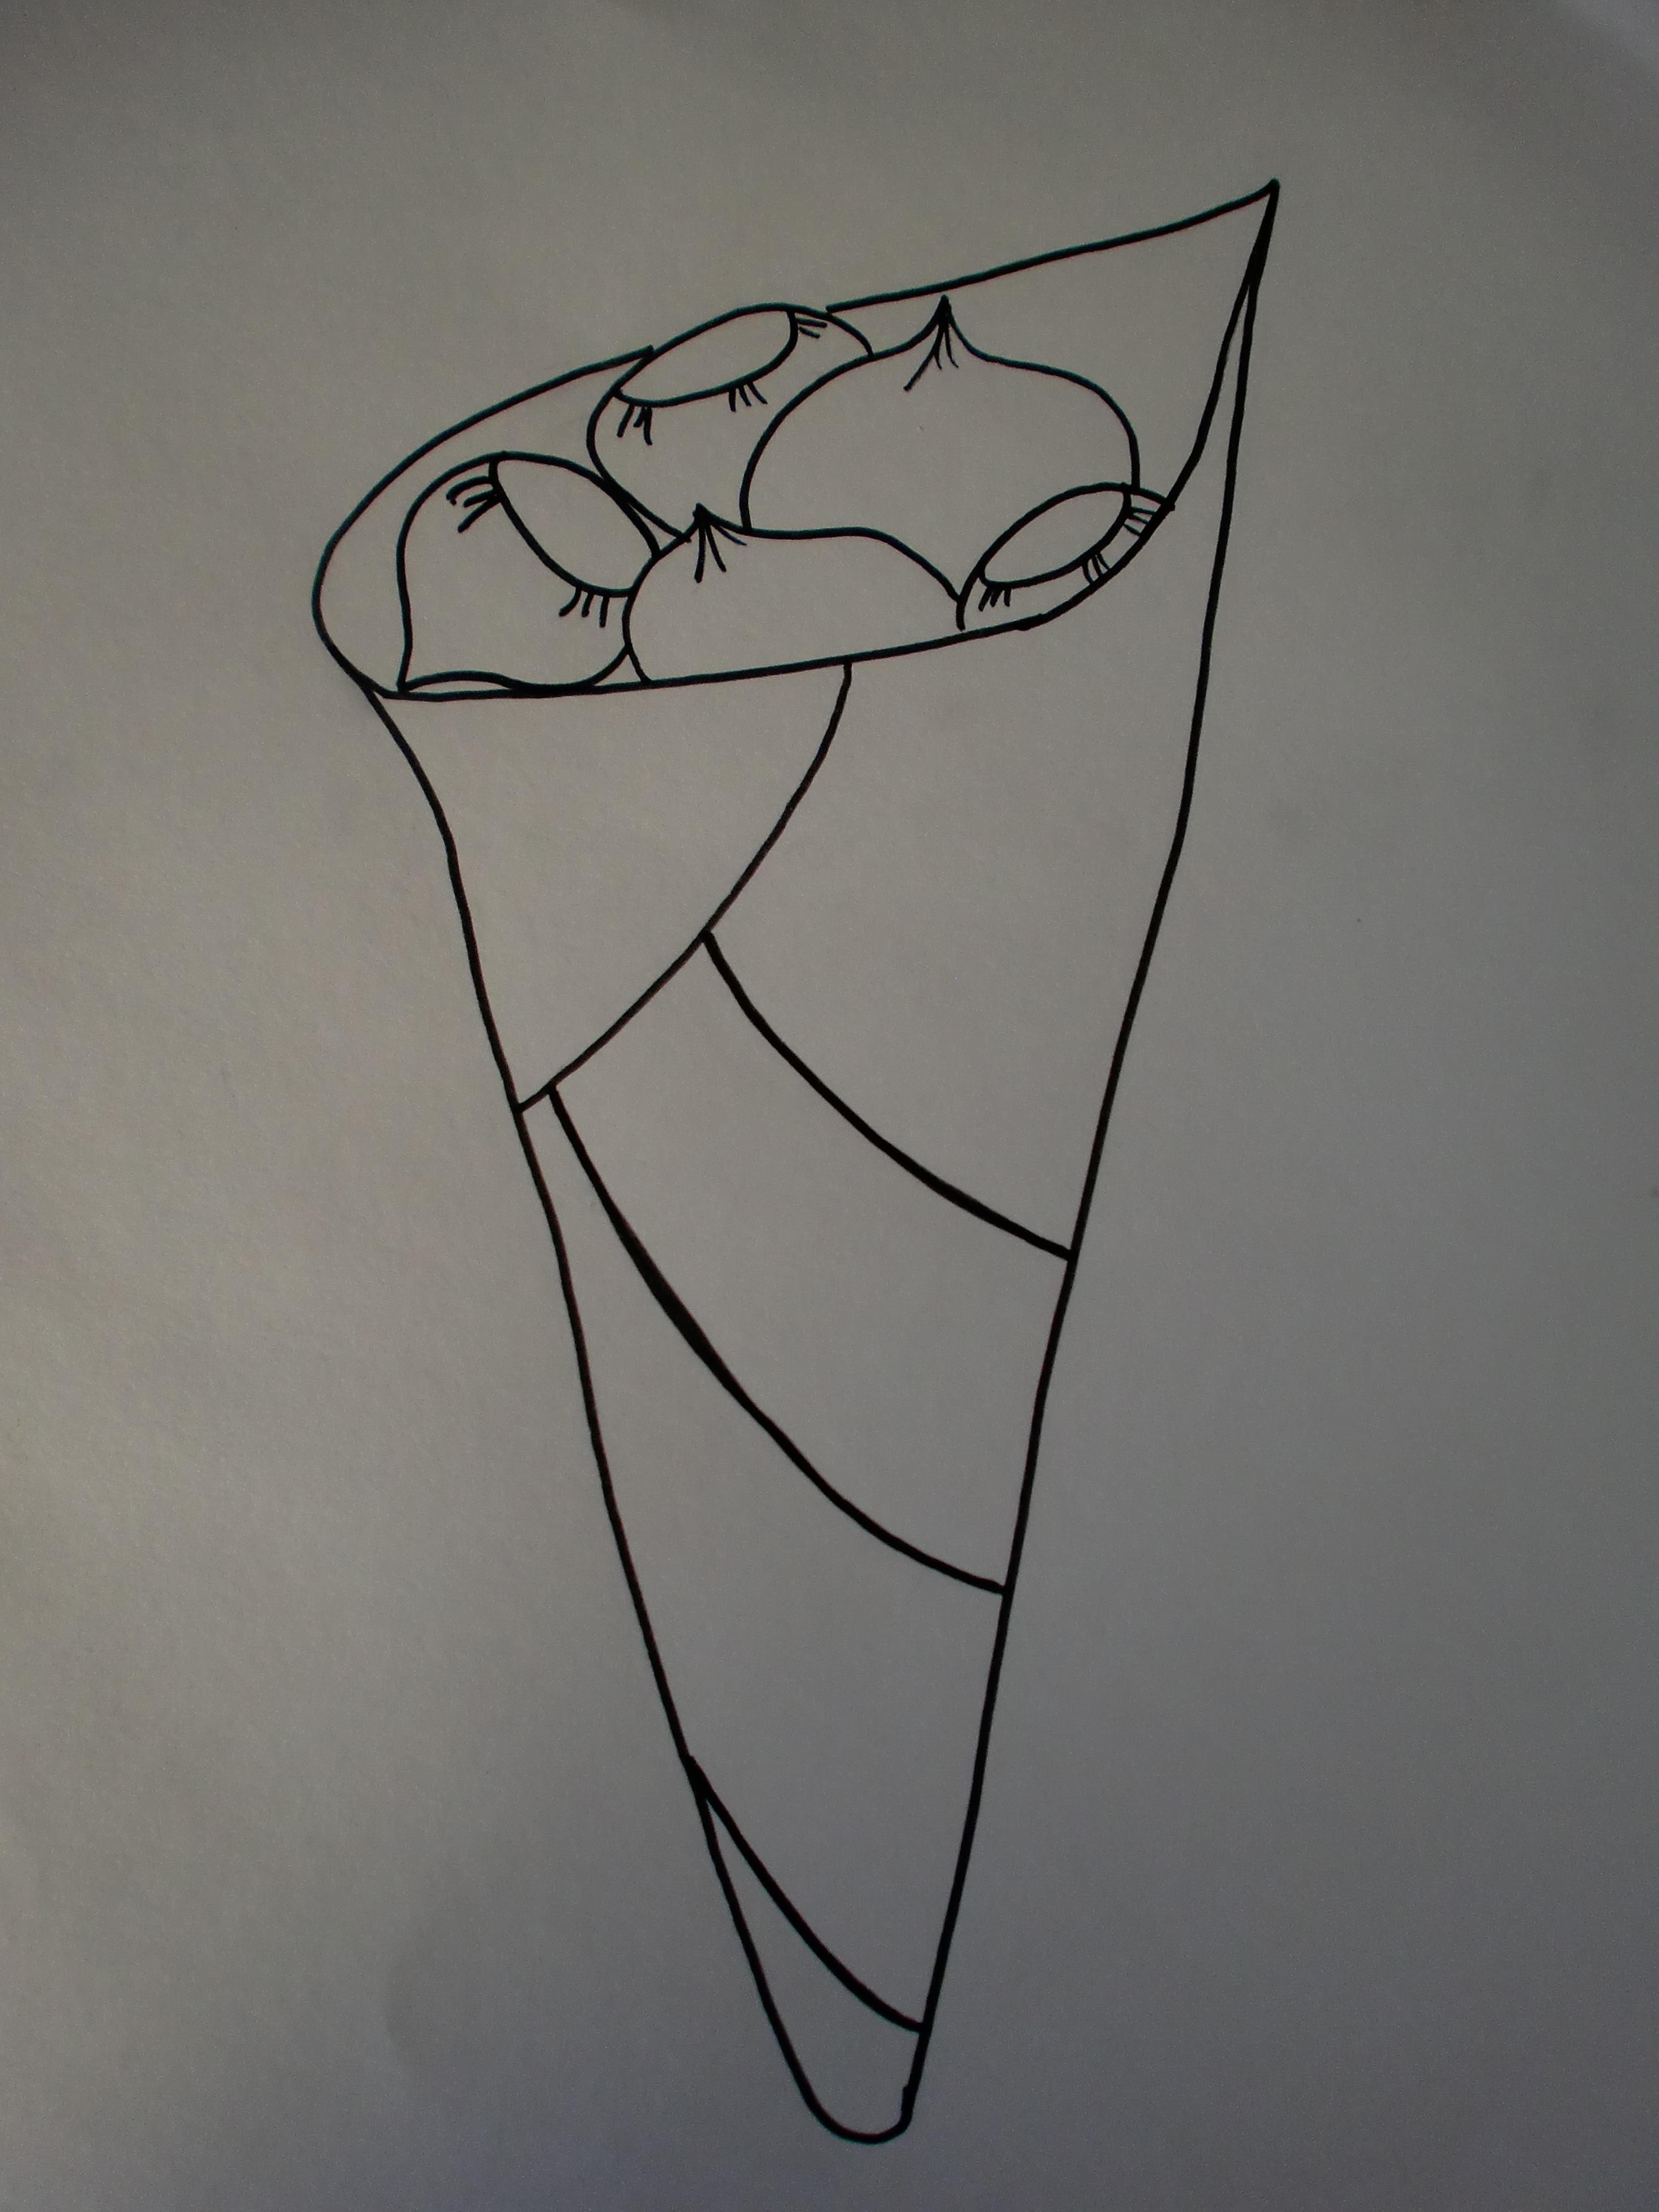 Papelina de casta as manitasdecolores - Papel de pared para pintar ...